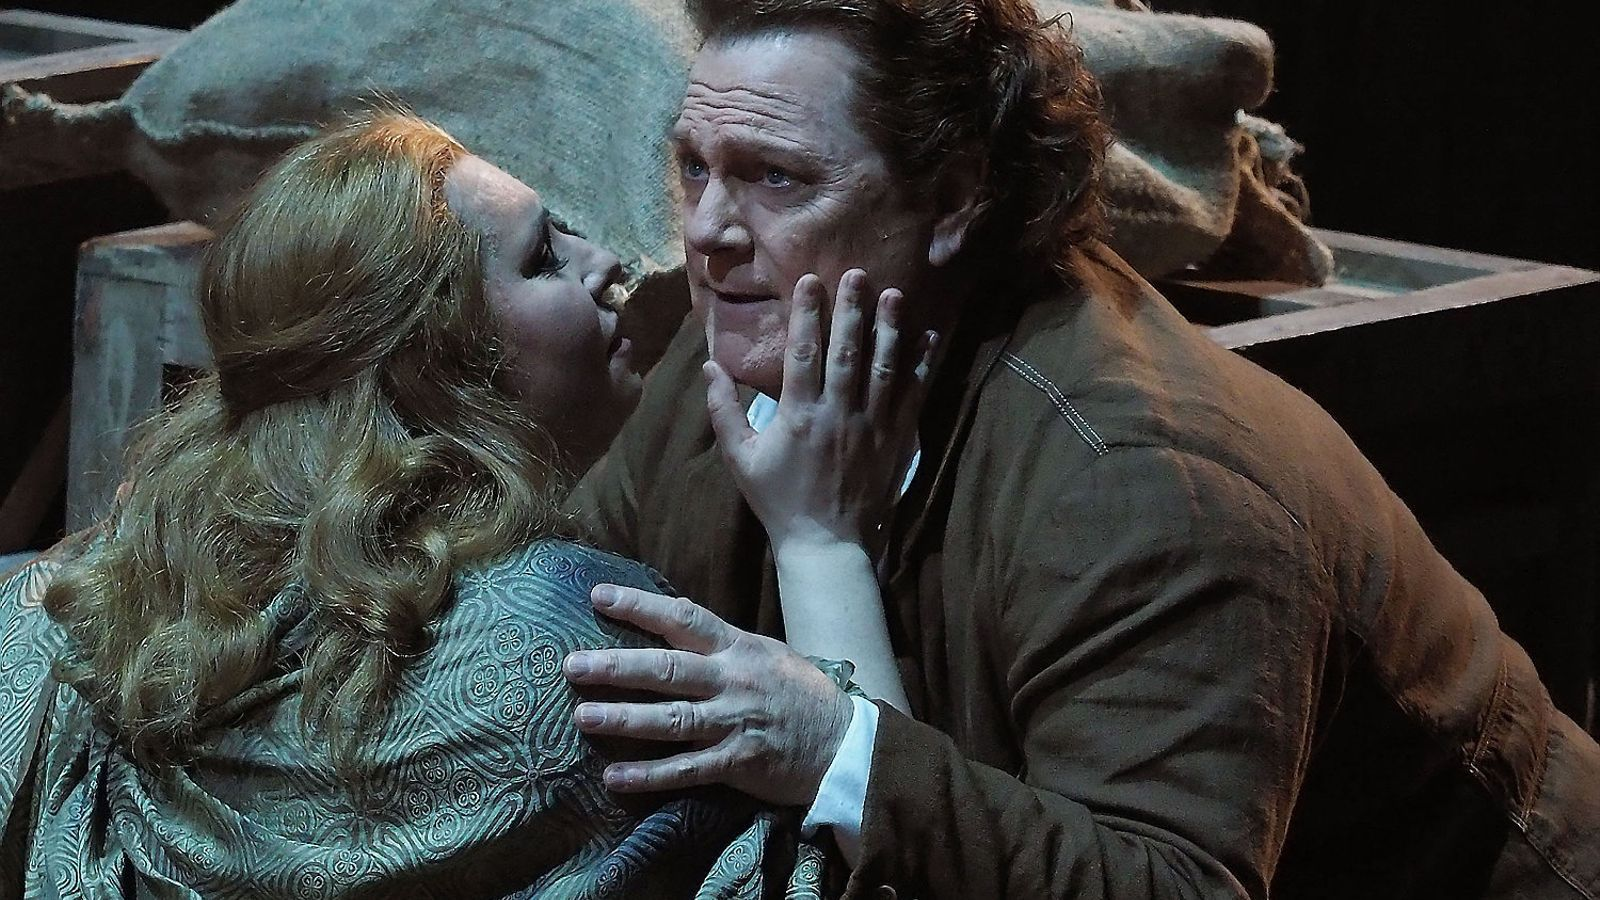 Liudmyla Monastyrska i Gregory Kunde durant una escena de l'òpera Manon Lescaut al Liceu. / A. BOFILL / GRAN TEATRE DEL LICEU